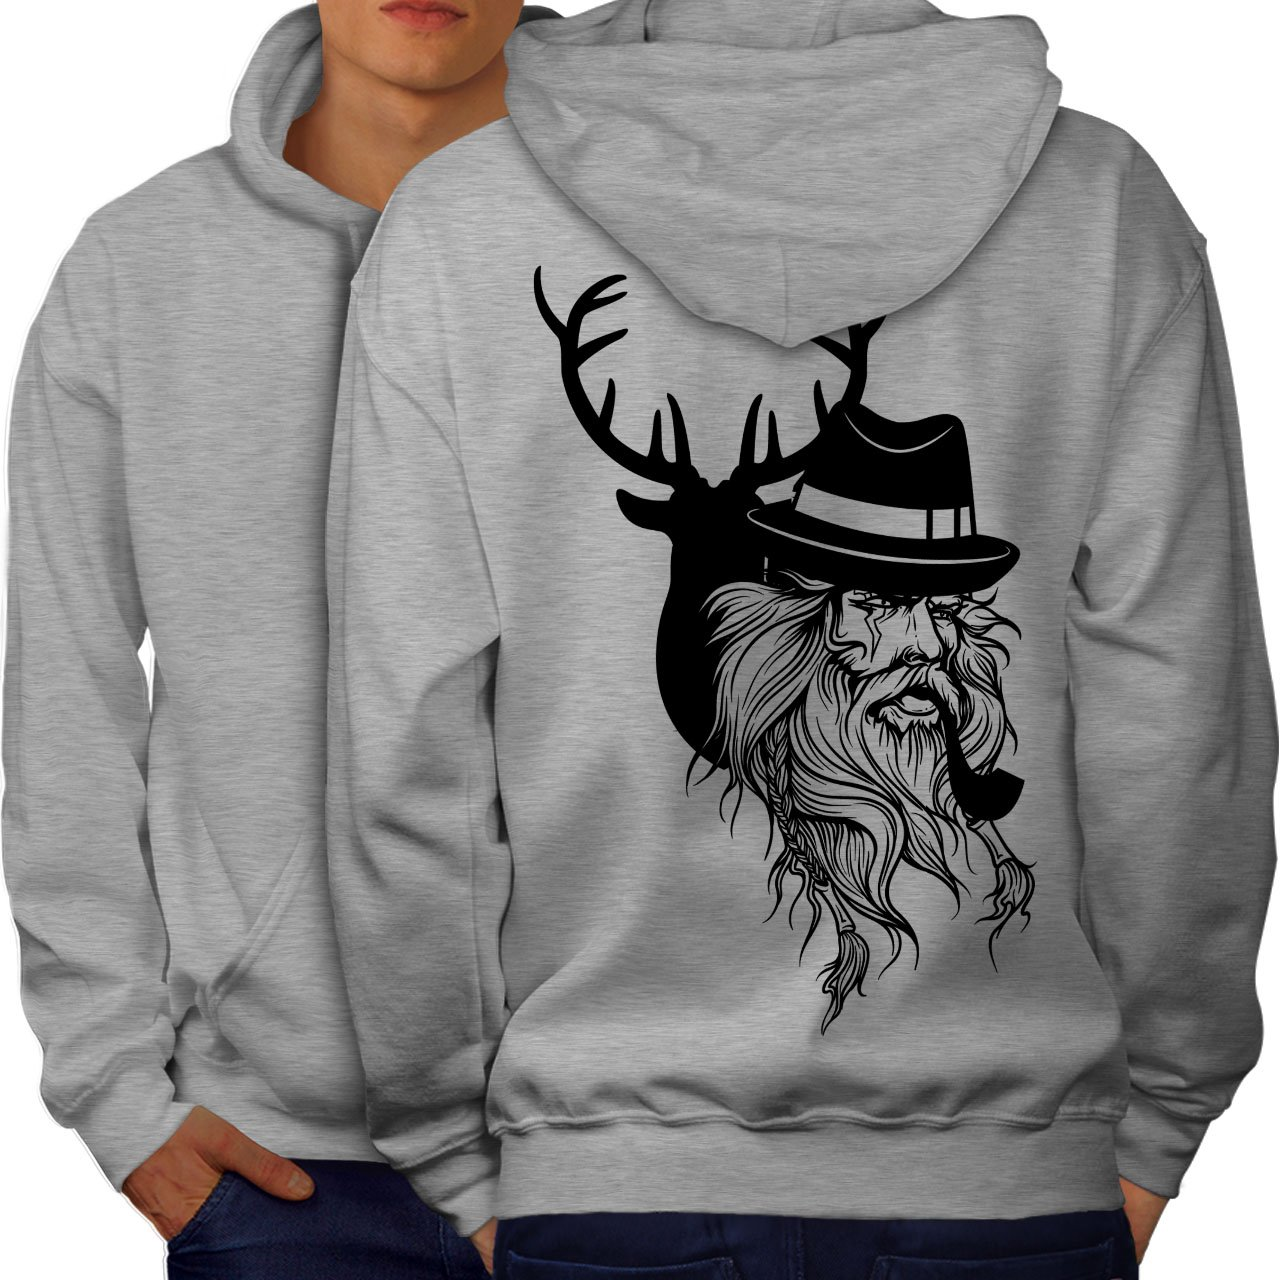 wellcoda Deer Human Wild Fantasy Mens Hoodie Pipe Printed on The Jumpers Back